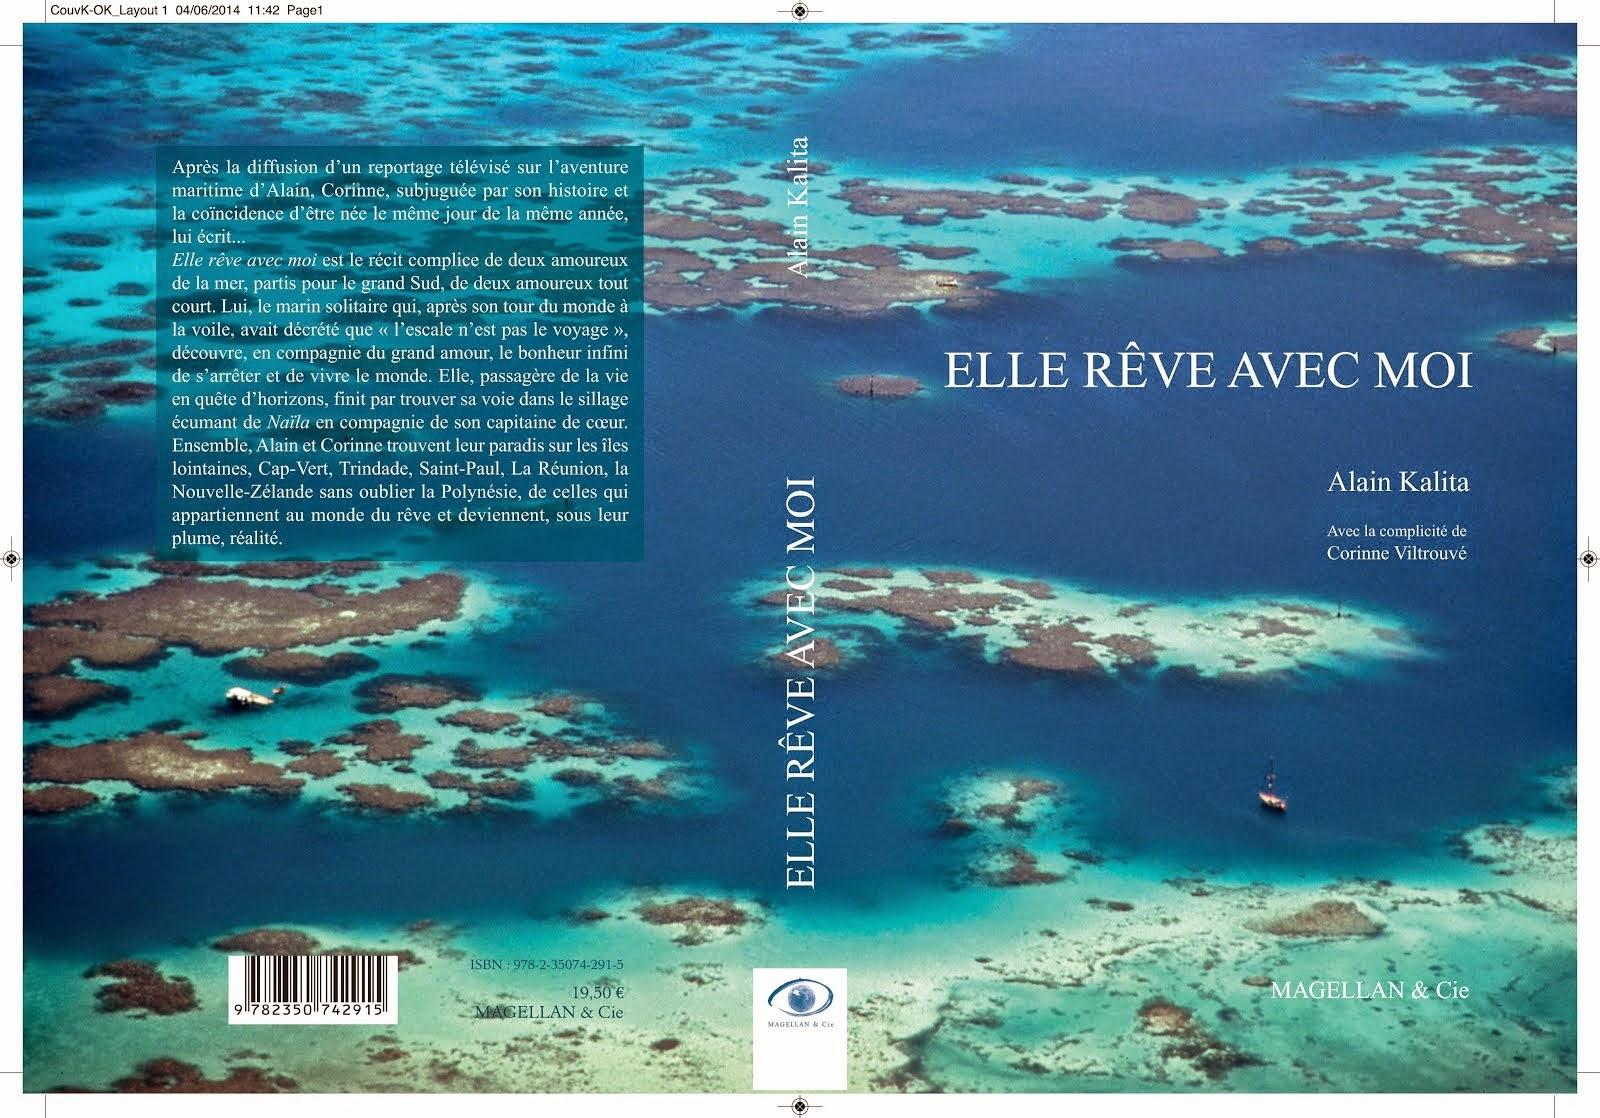 ELLE RÊVE AVEC MOI Prix Albatros 2014.................... et Prix Écume de Mer 2015